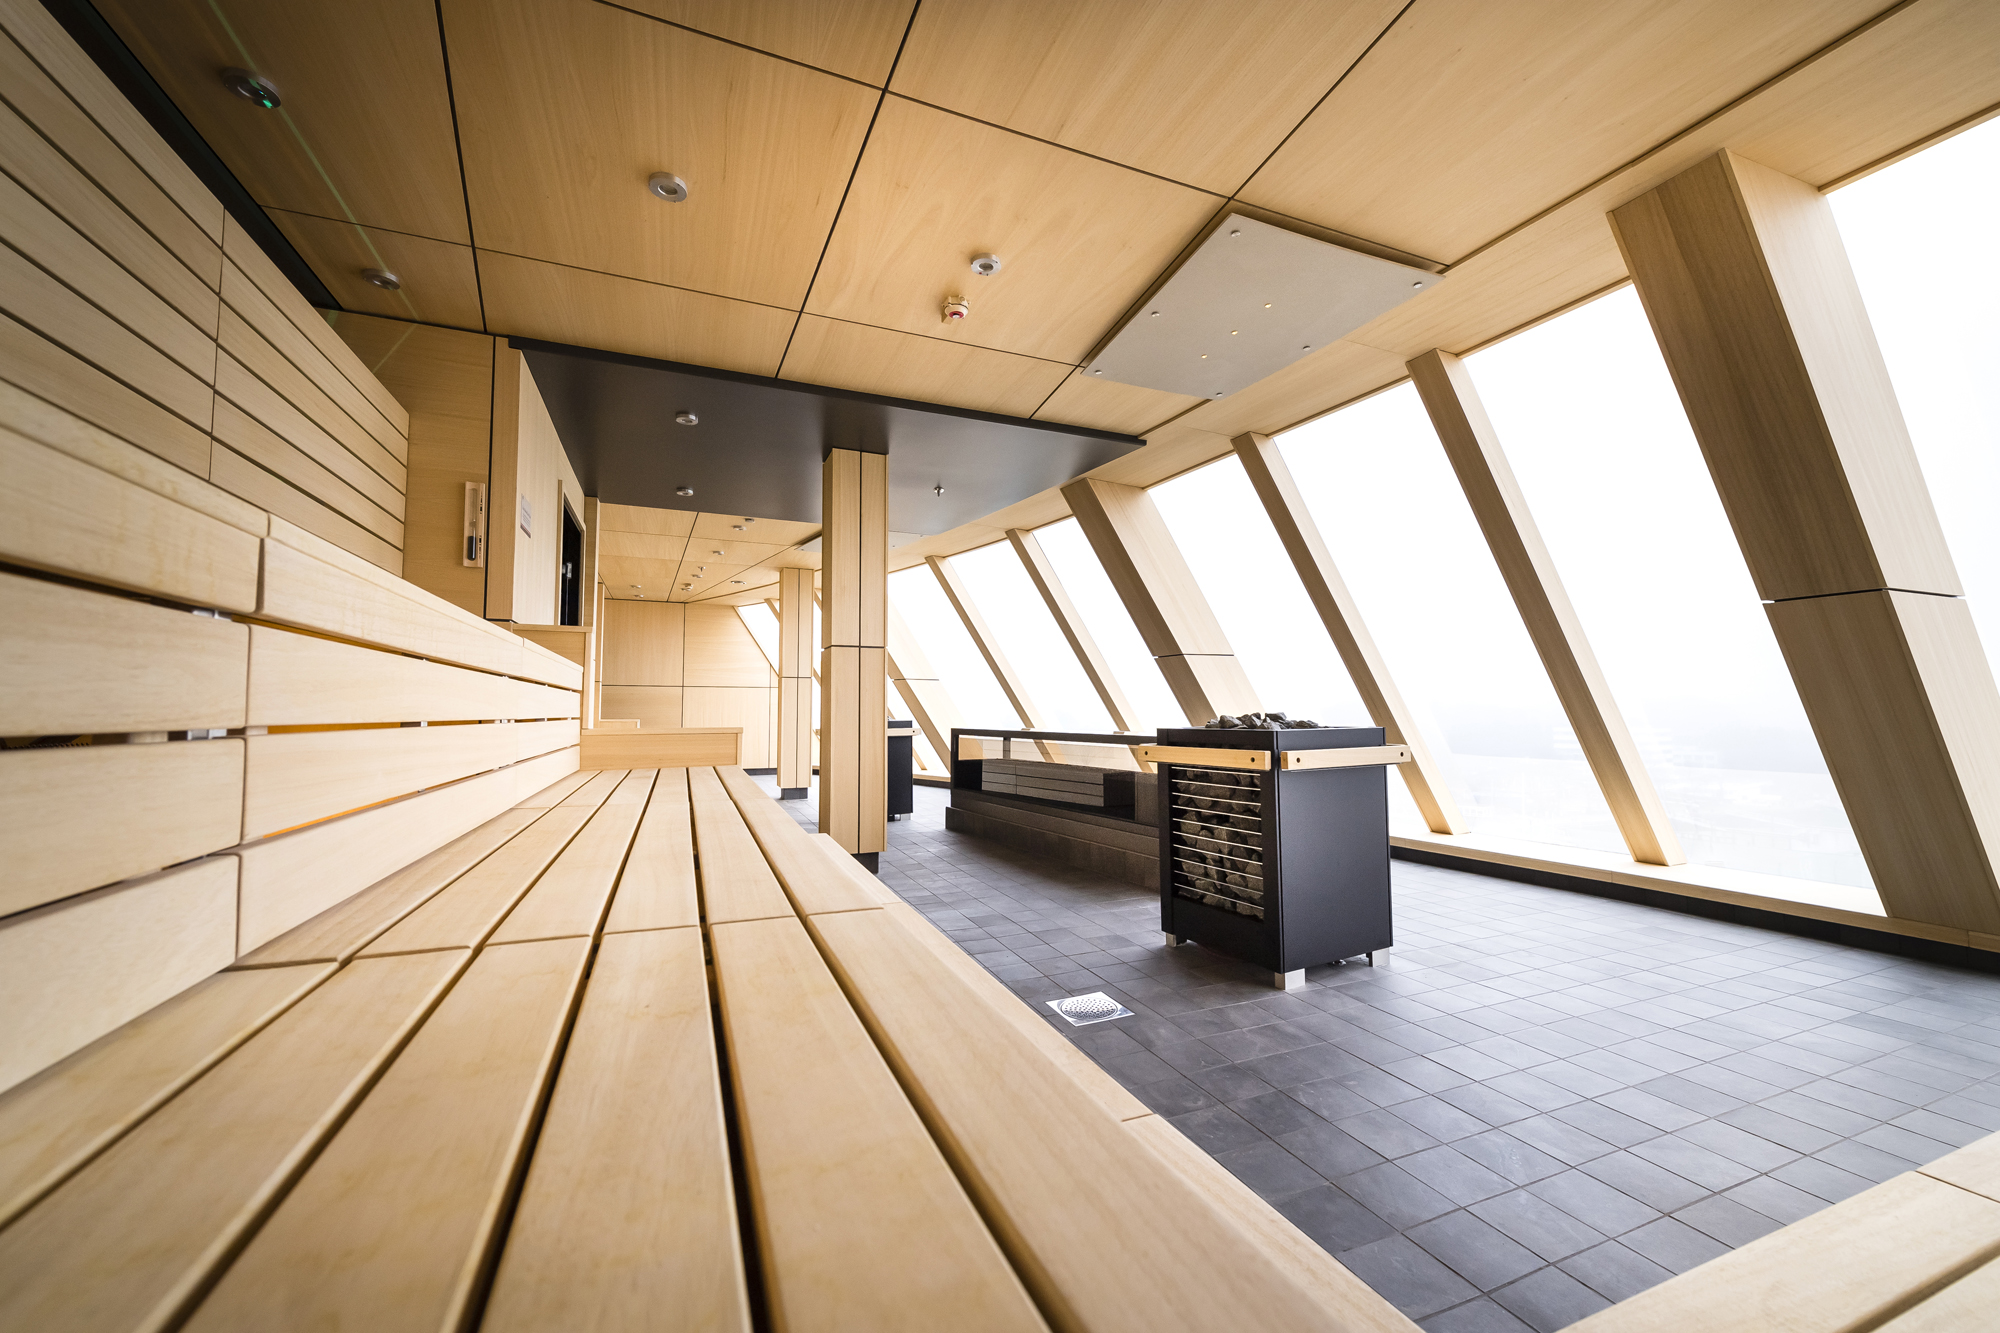 Saune mit Meerblick auf der neuen Mein Schiff 2 von TUI Cruises